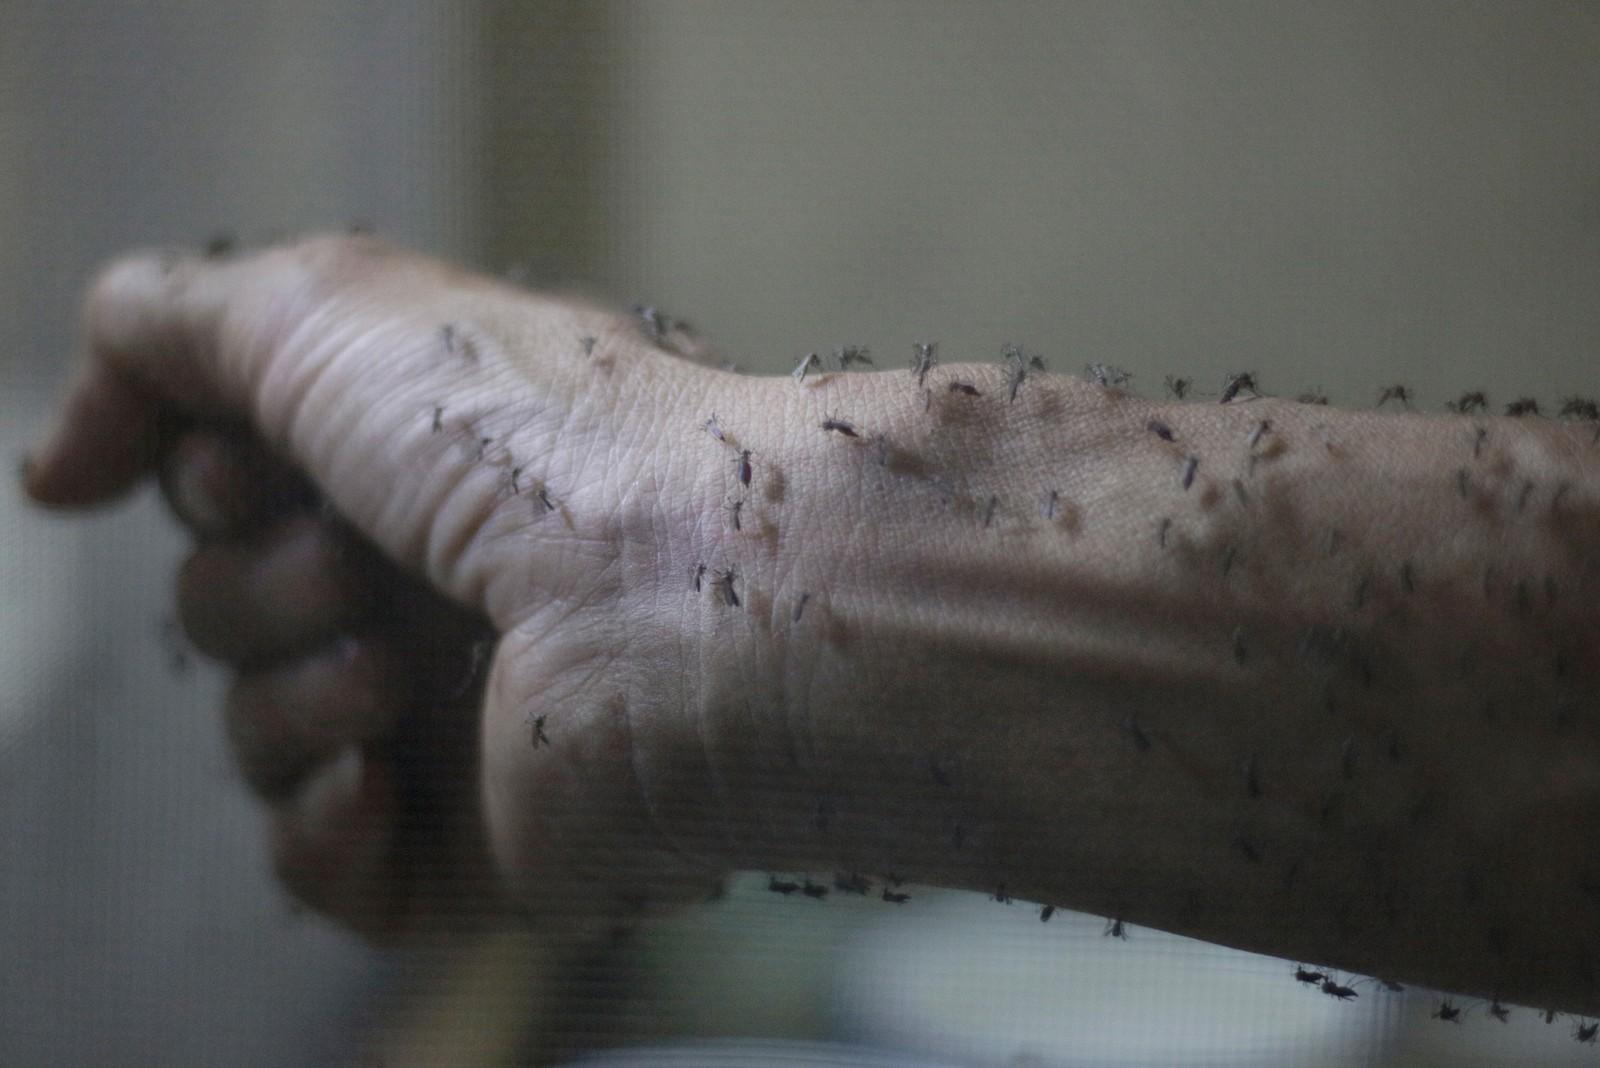 Det svermer av små mygg på armen til denne helseforskeren i et forskningssenter i Guatemala by. Forskerne jobber på spreng for å finne ut hvordan de kan hindre spredningen av zika-viruset, som sprer seg i eksplosiv fart i alle deler av Amerika utenom Canada og Alaska. Det finnes ingen kur eller vaksiner mot det farlige og smitsomme viruset, og det frarådes reise til landene som er berørt.